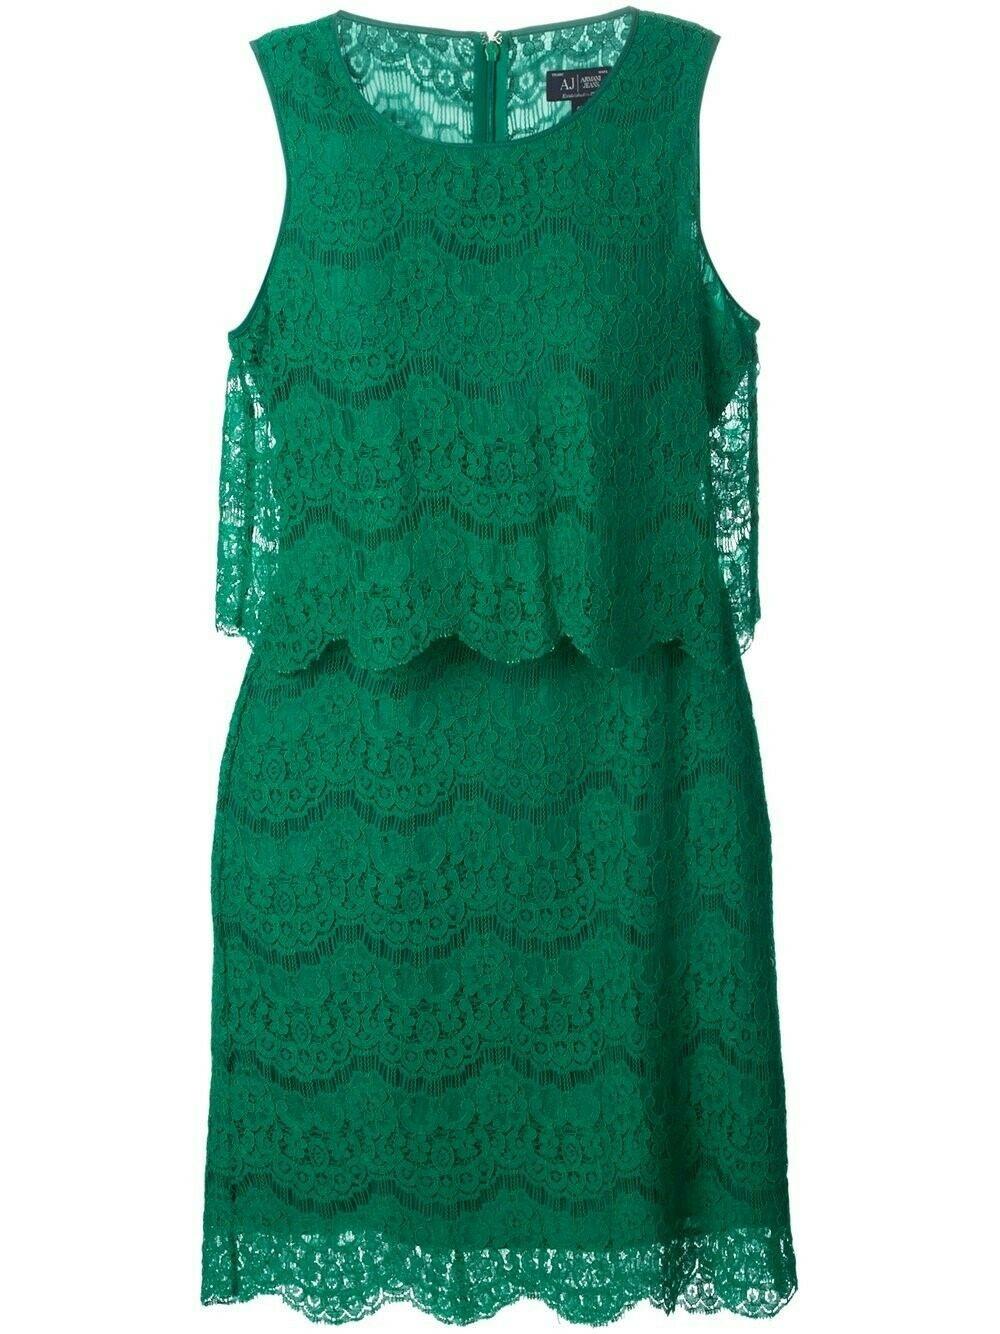 Formal Schön Grünes Kleid Spitze Boutique13 Großartig Grünes Kleid Spitze Ärmel